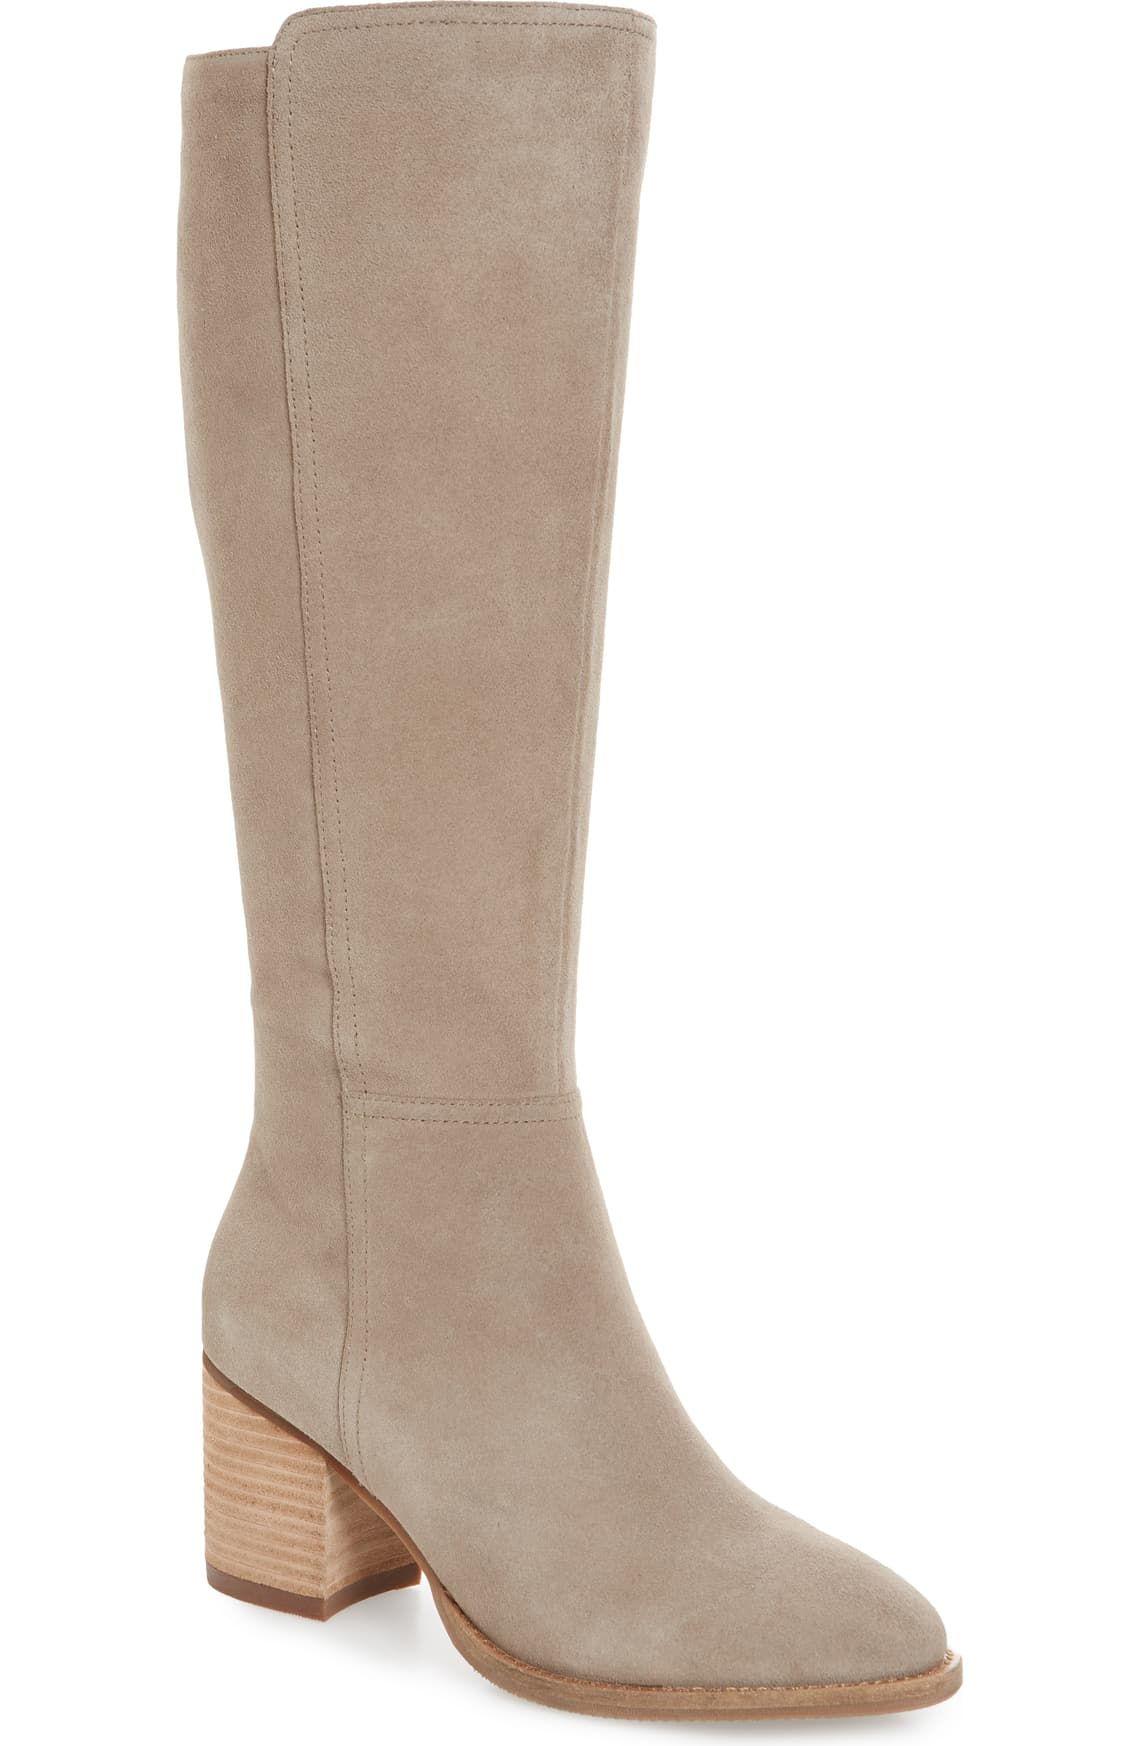 Blondo Noreen Waterproof Knee High Boot